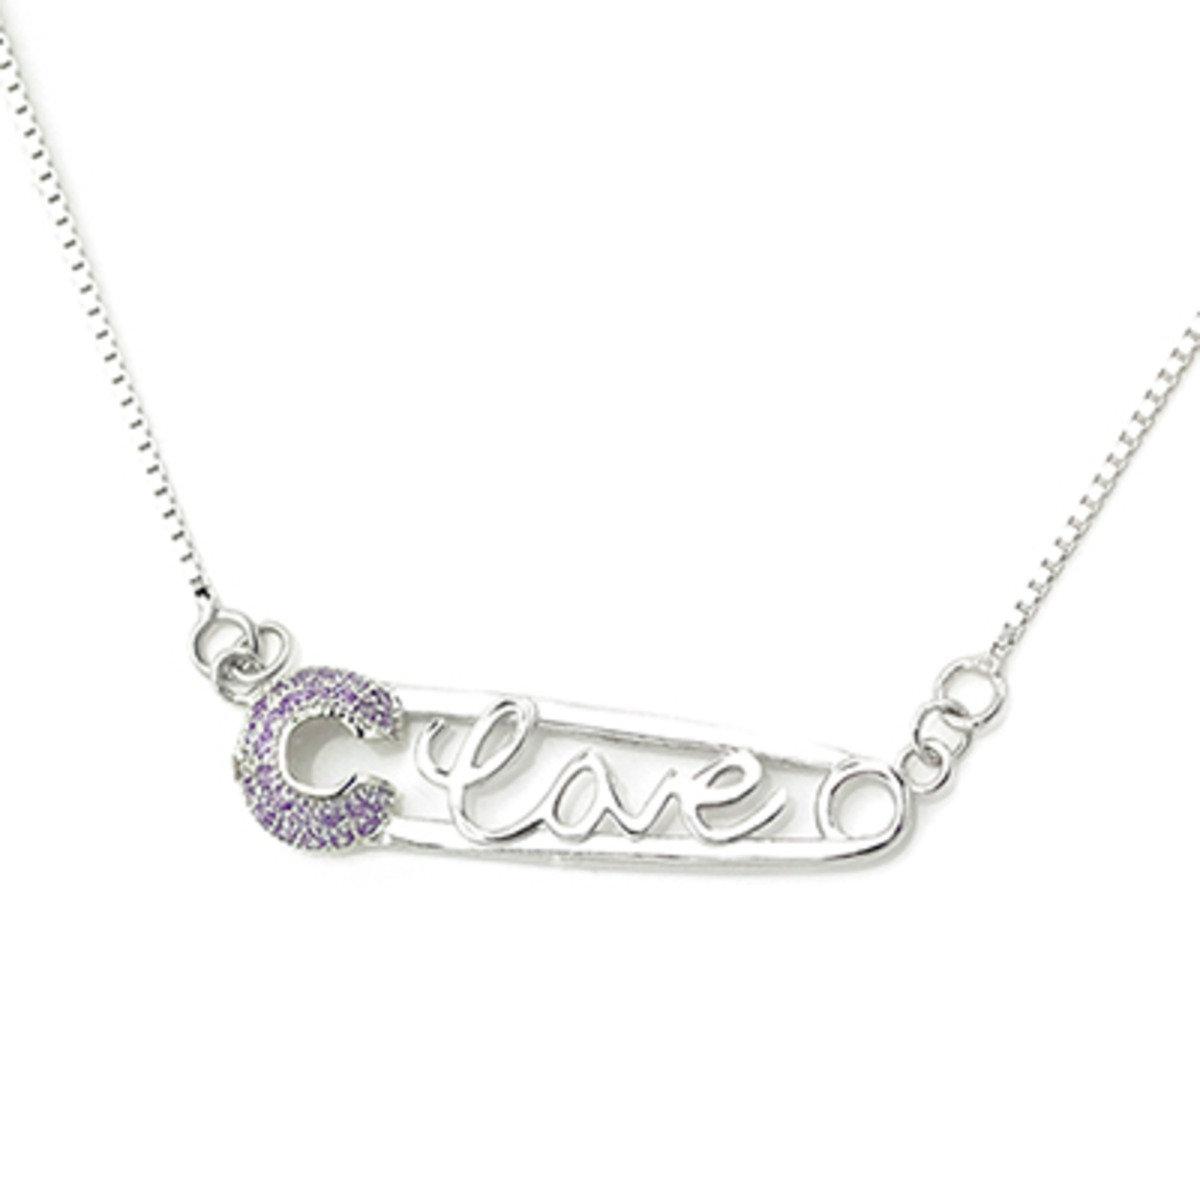 「情心緊扣」摯愛鋯石項鏈 - 925 純銀